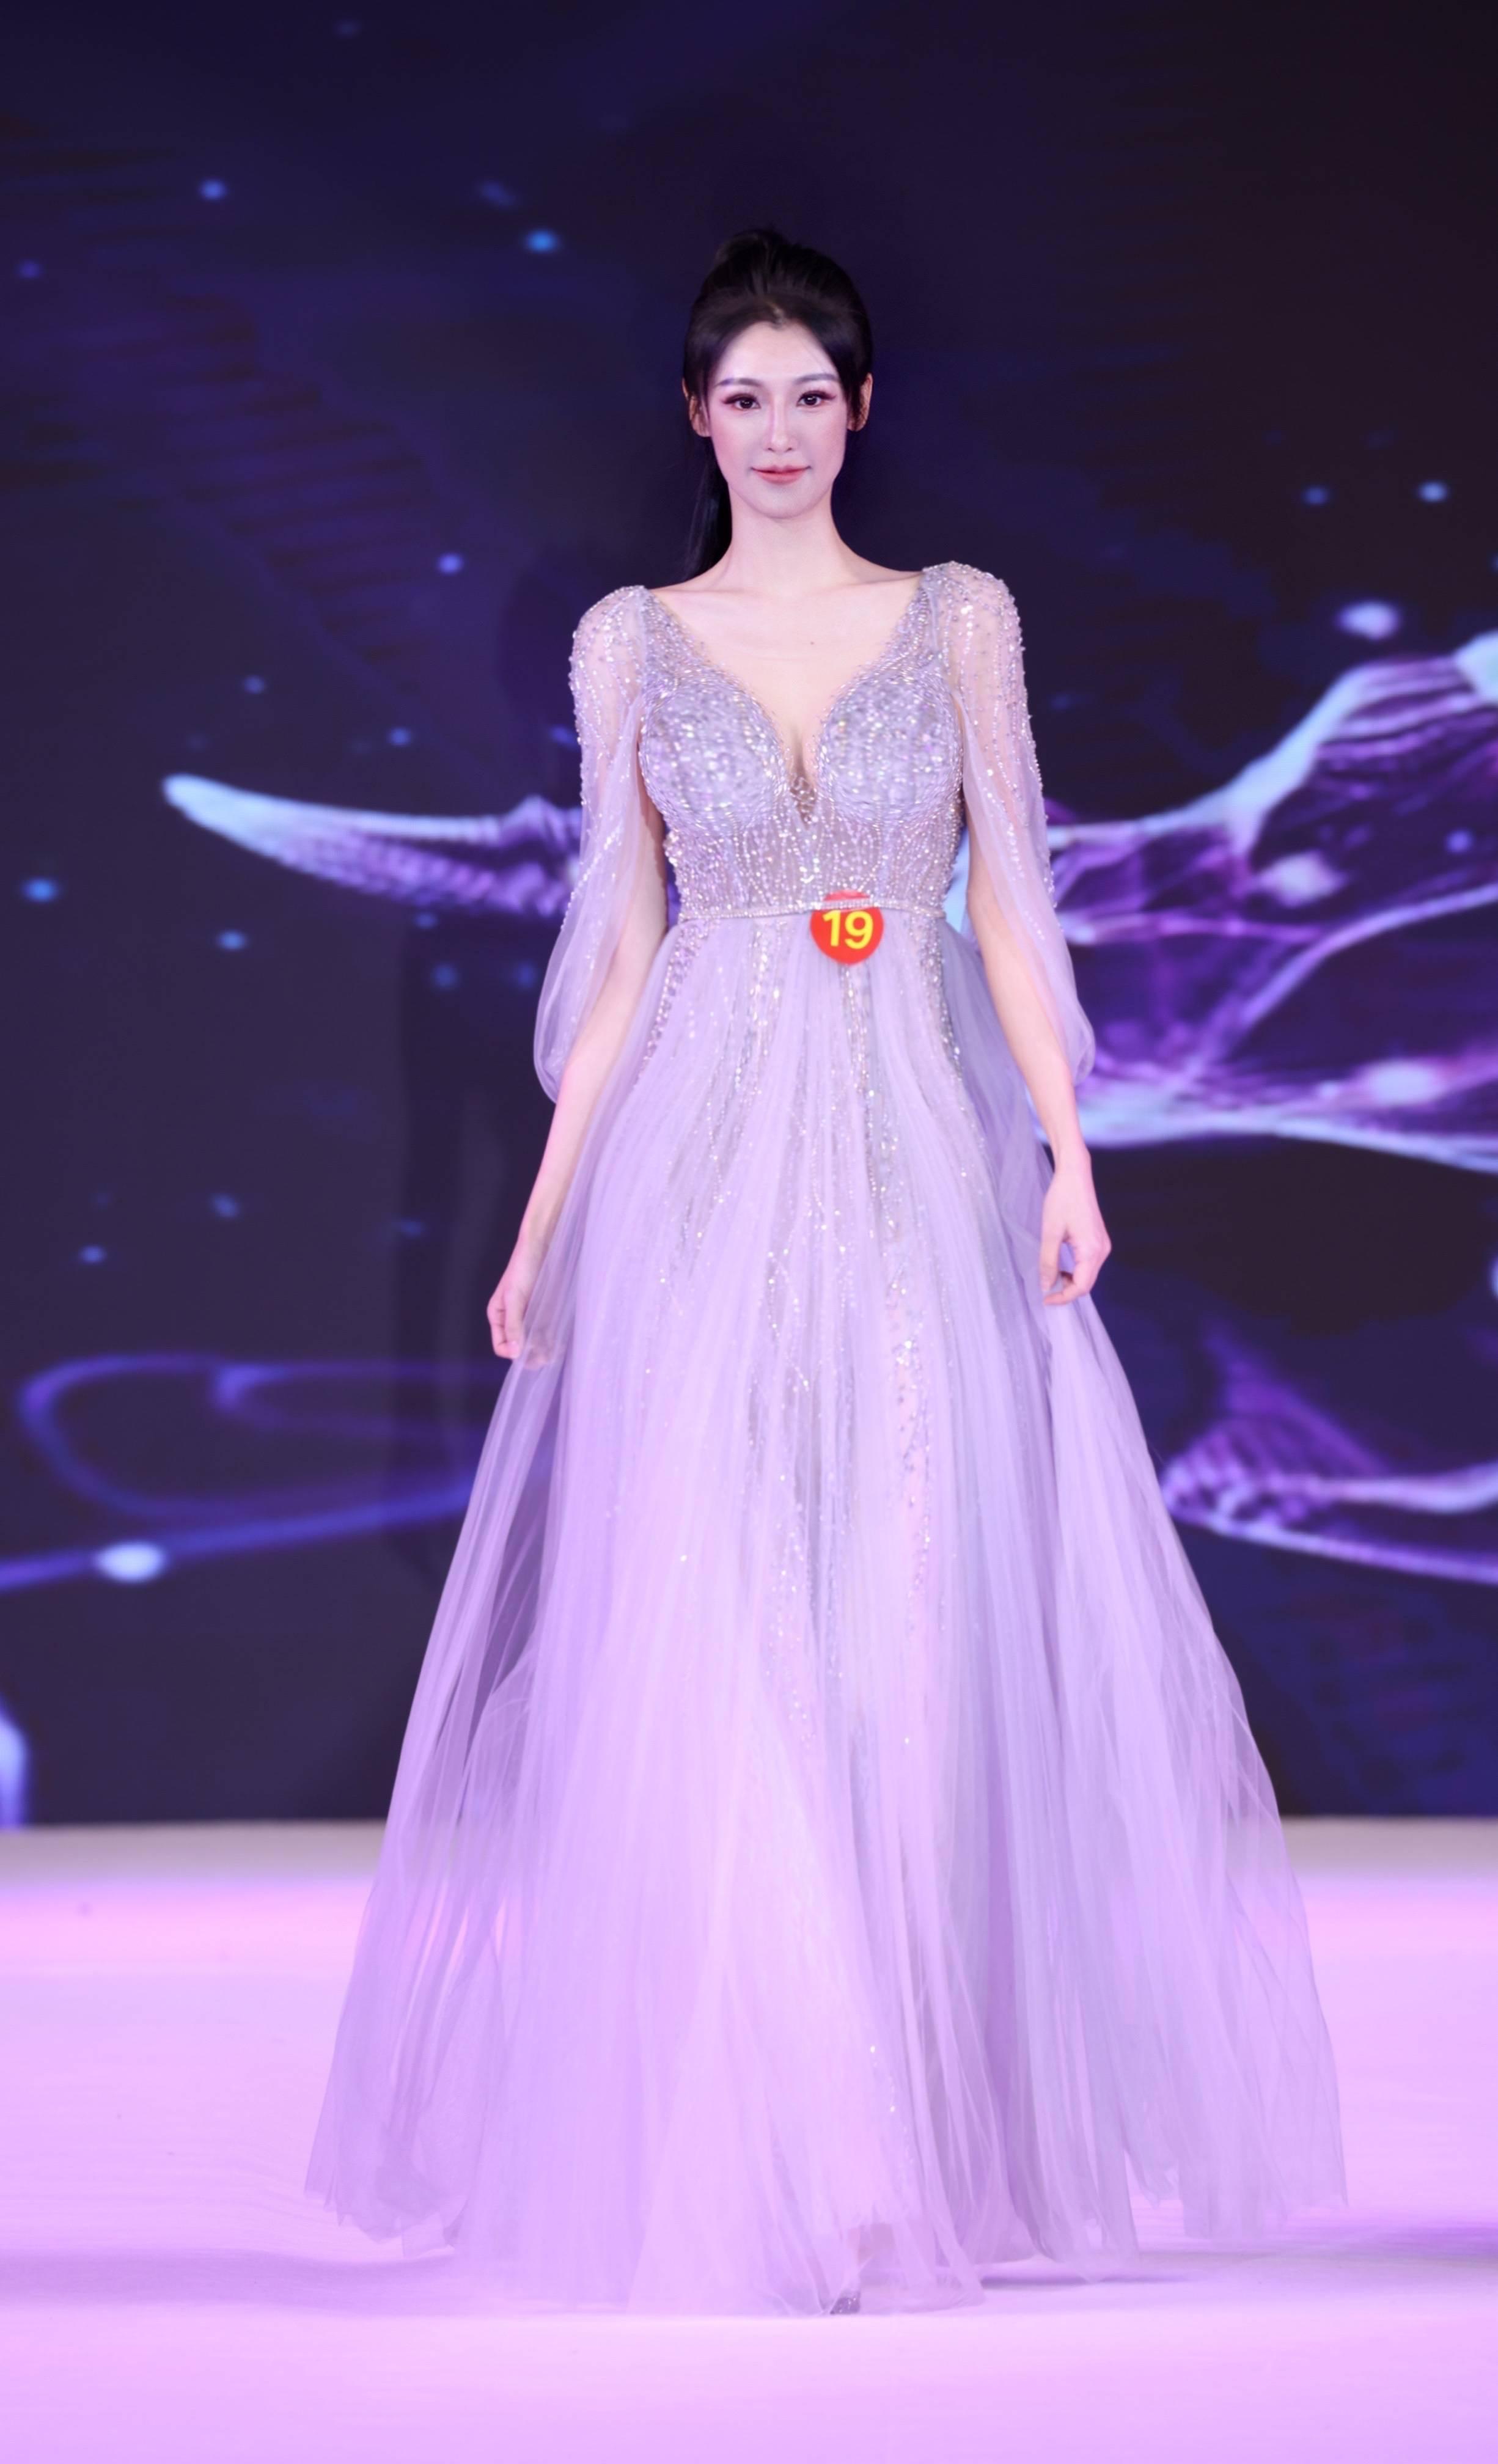 32届亚洲小姐大中华赛区总决赛闭幕 全权文化主席裴晓骏对选手给